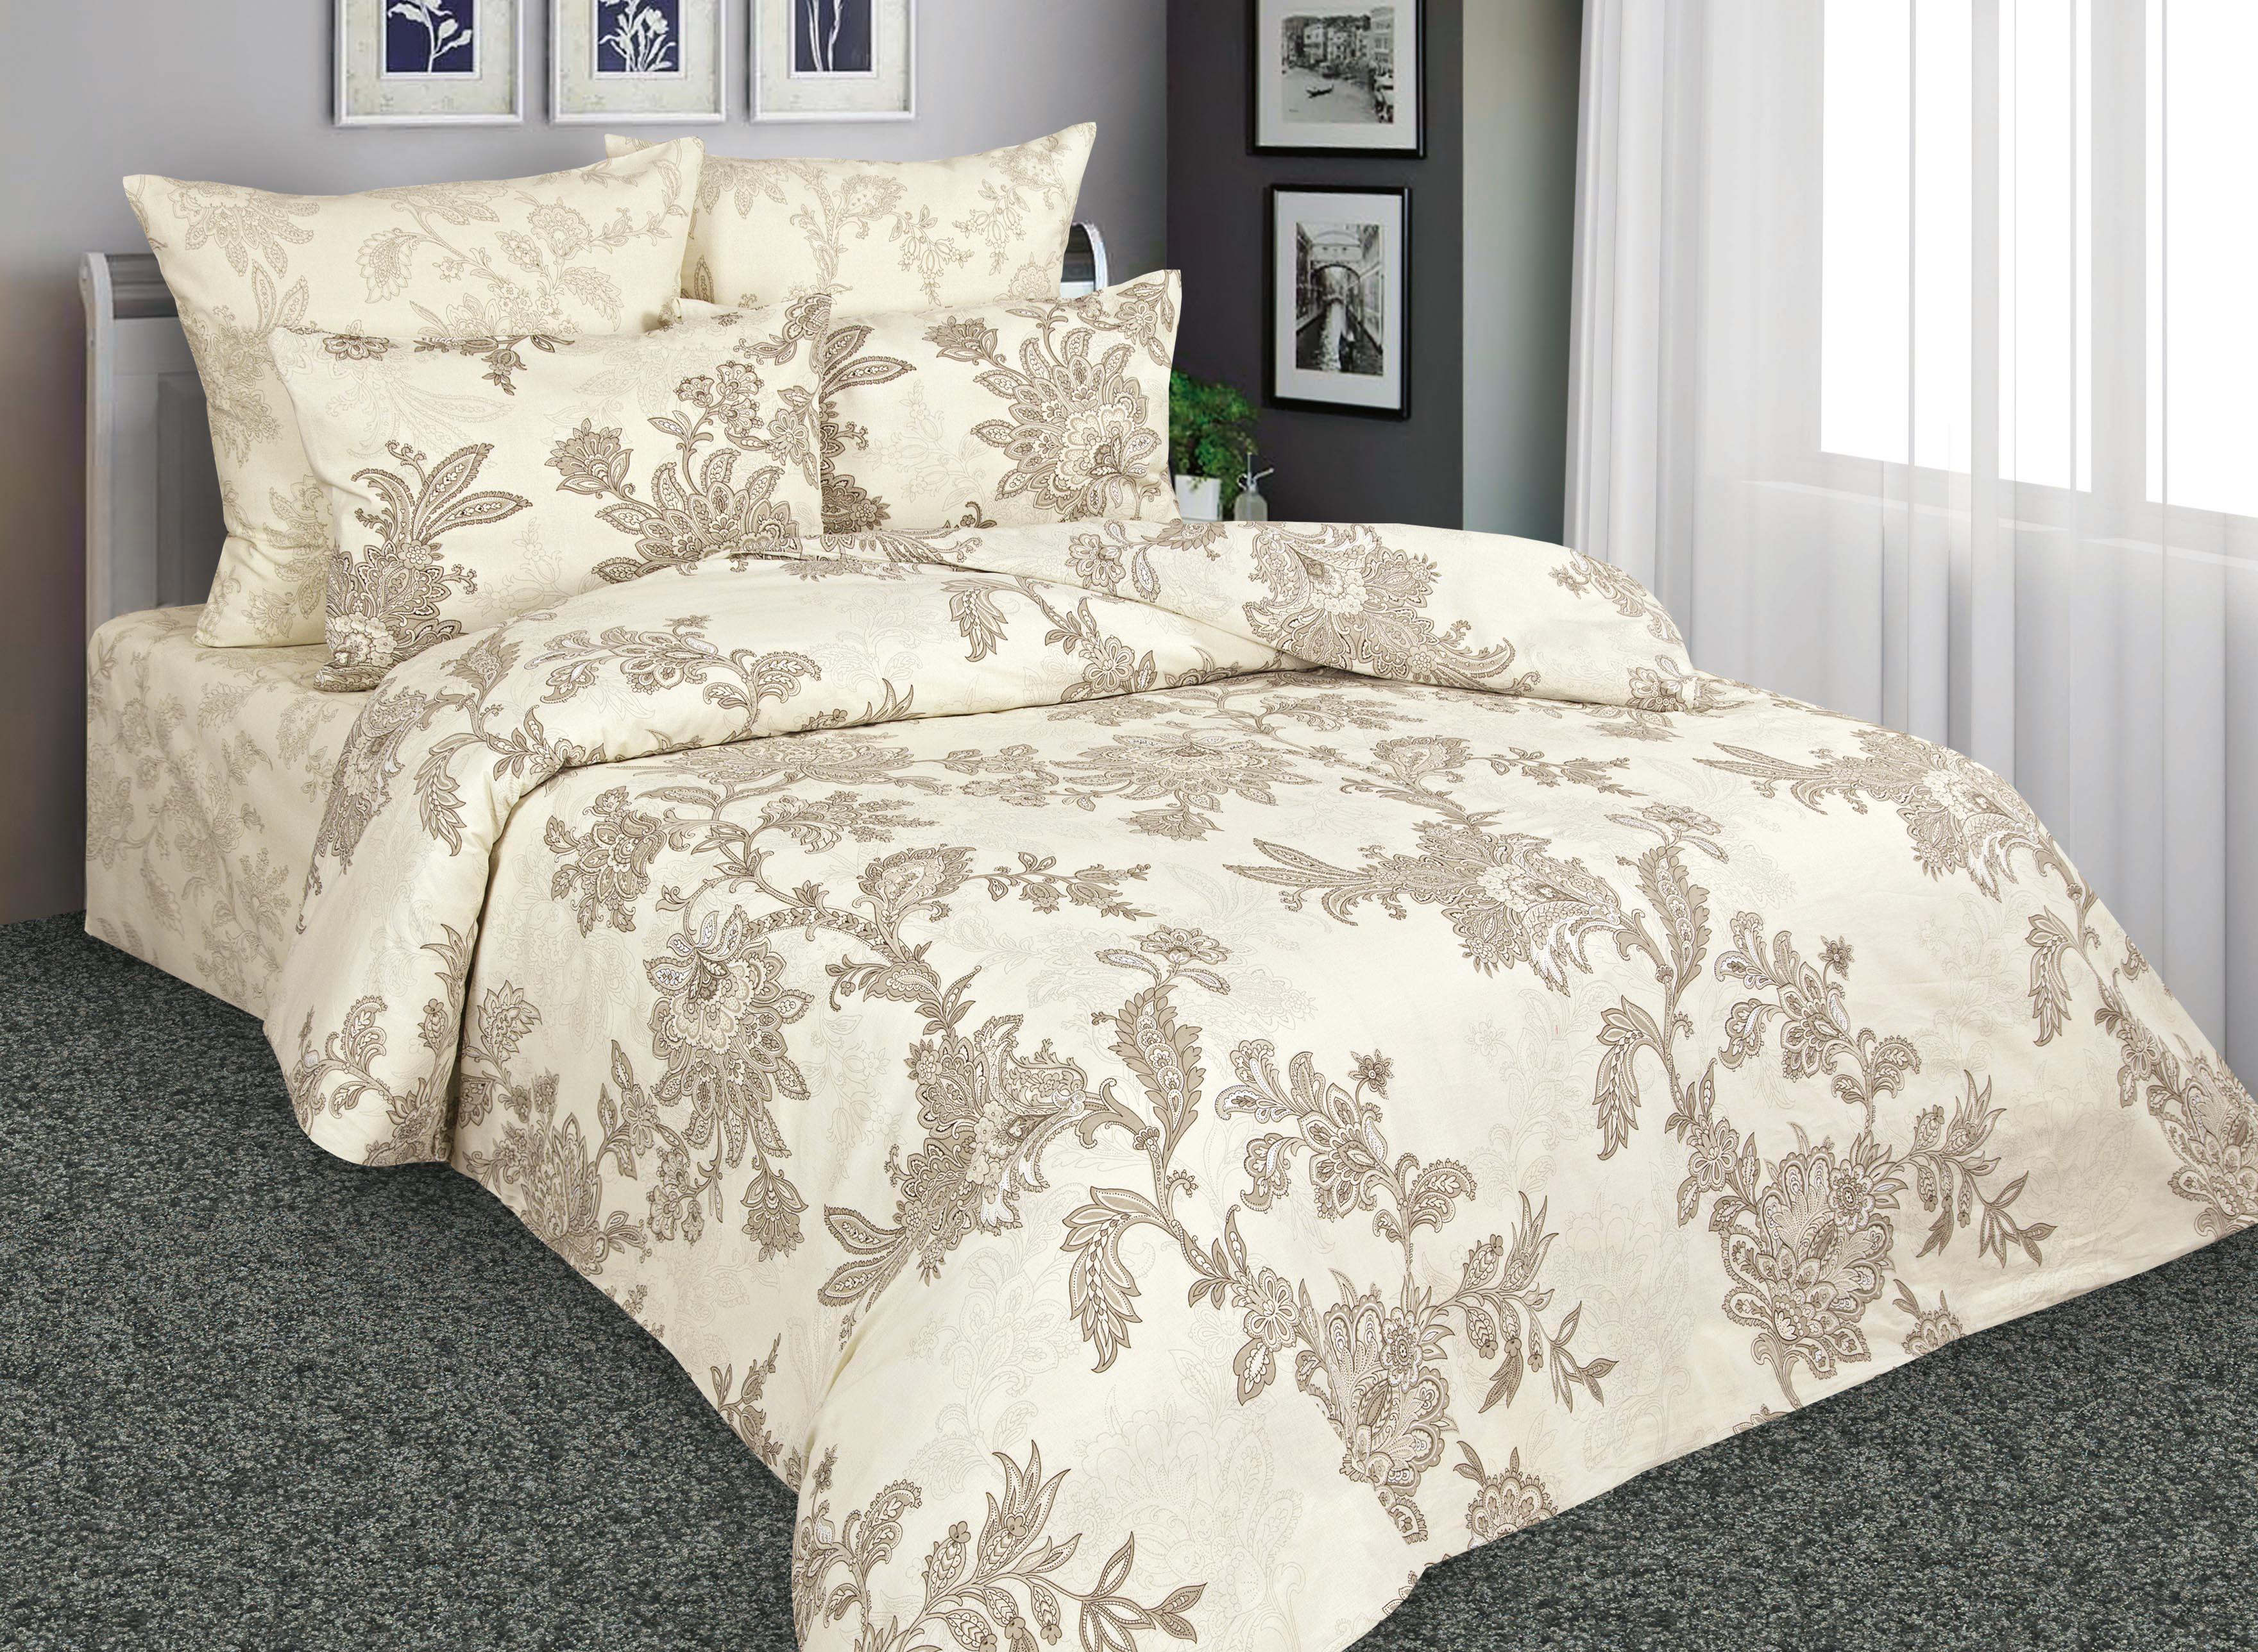 Комплект белья Amore Mio Изысканое кружево, евро, наволочки 70x70, цвет: розовый, серый. 88546